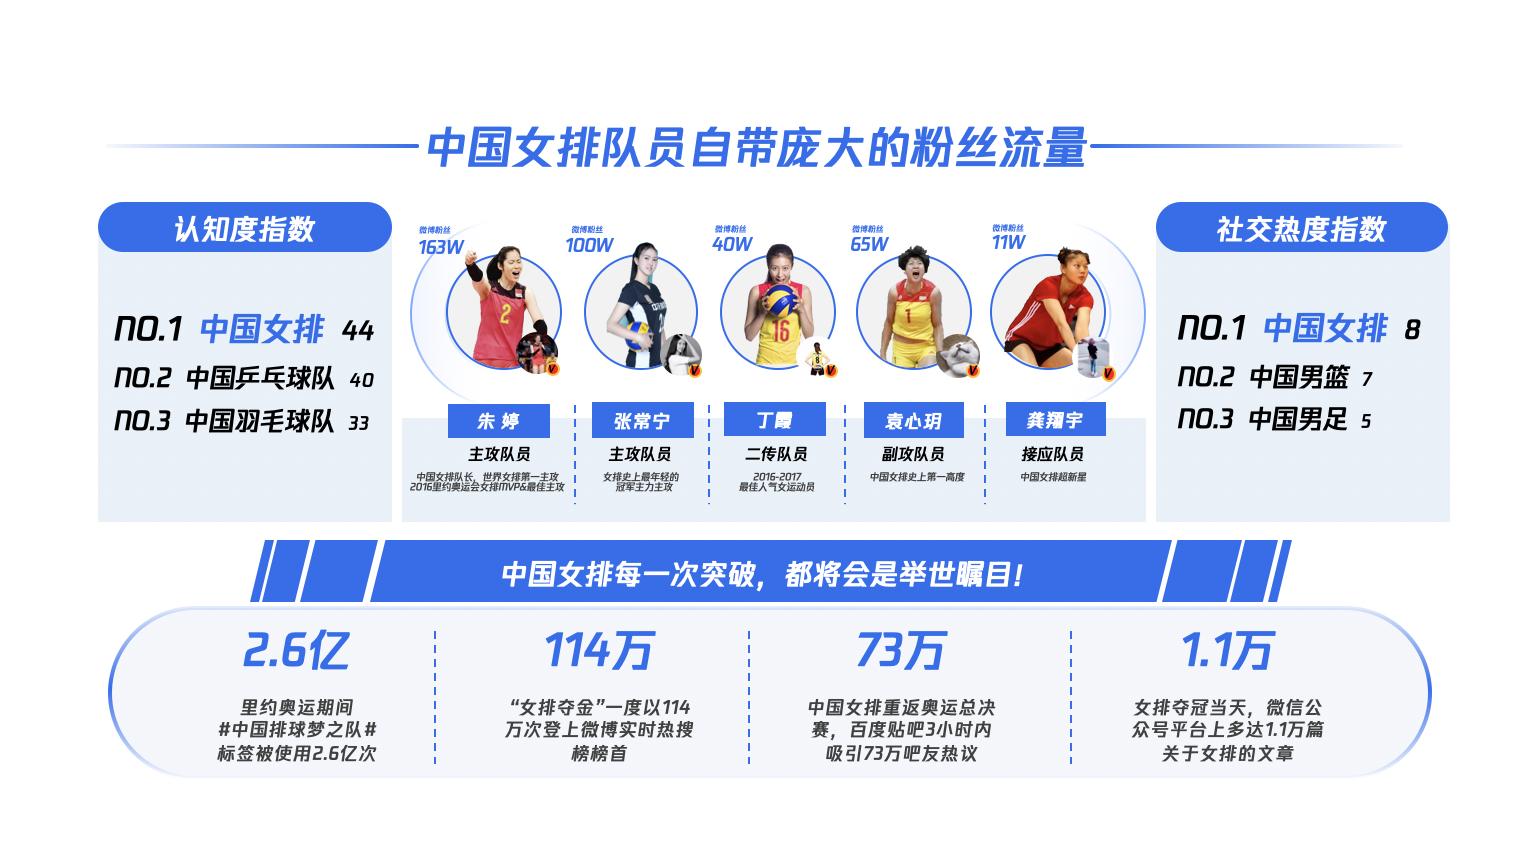 3.中国女排拥有超高关注度.png